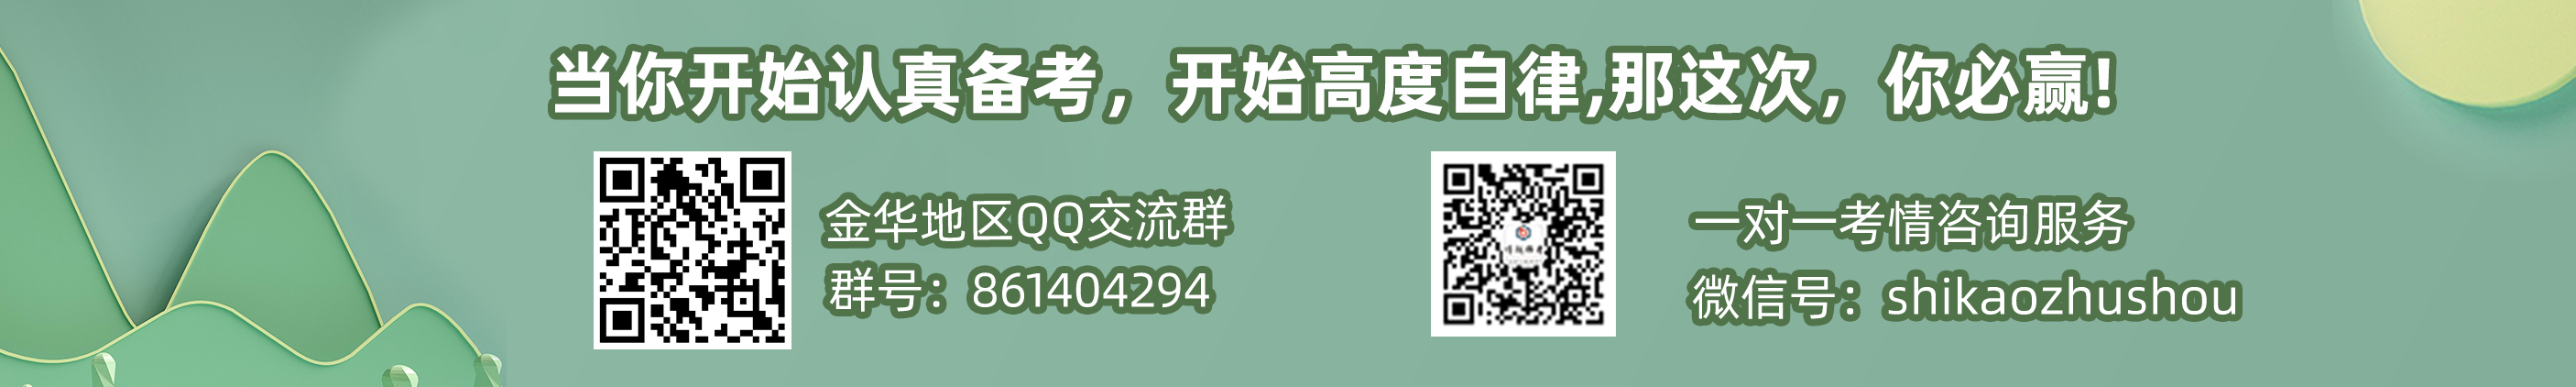 网页小banner金华.png